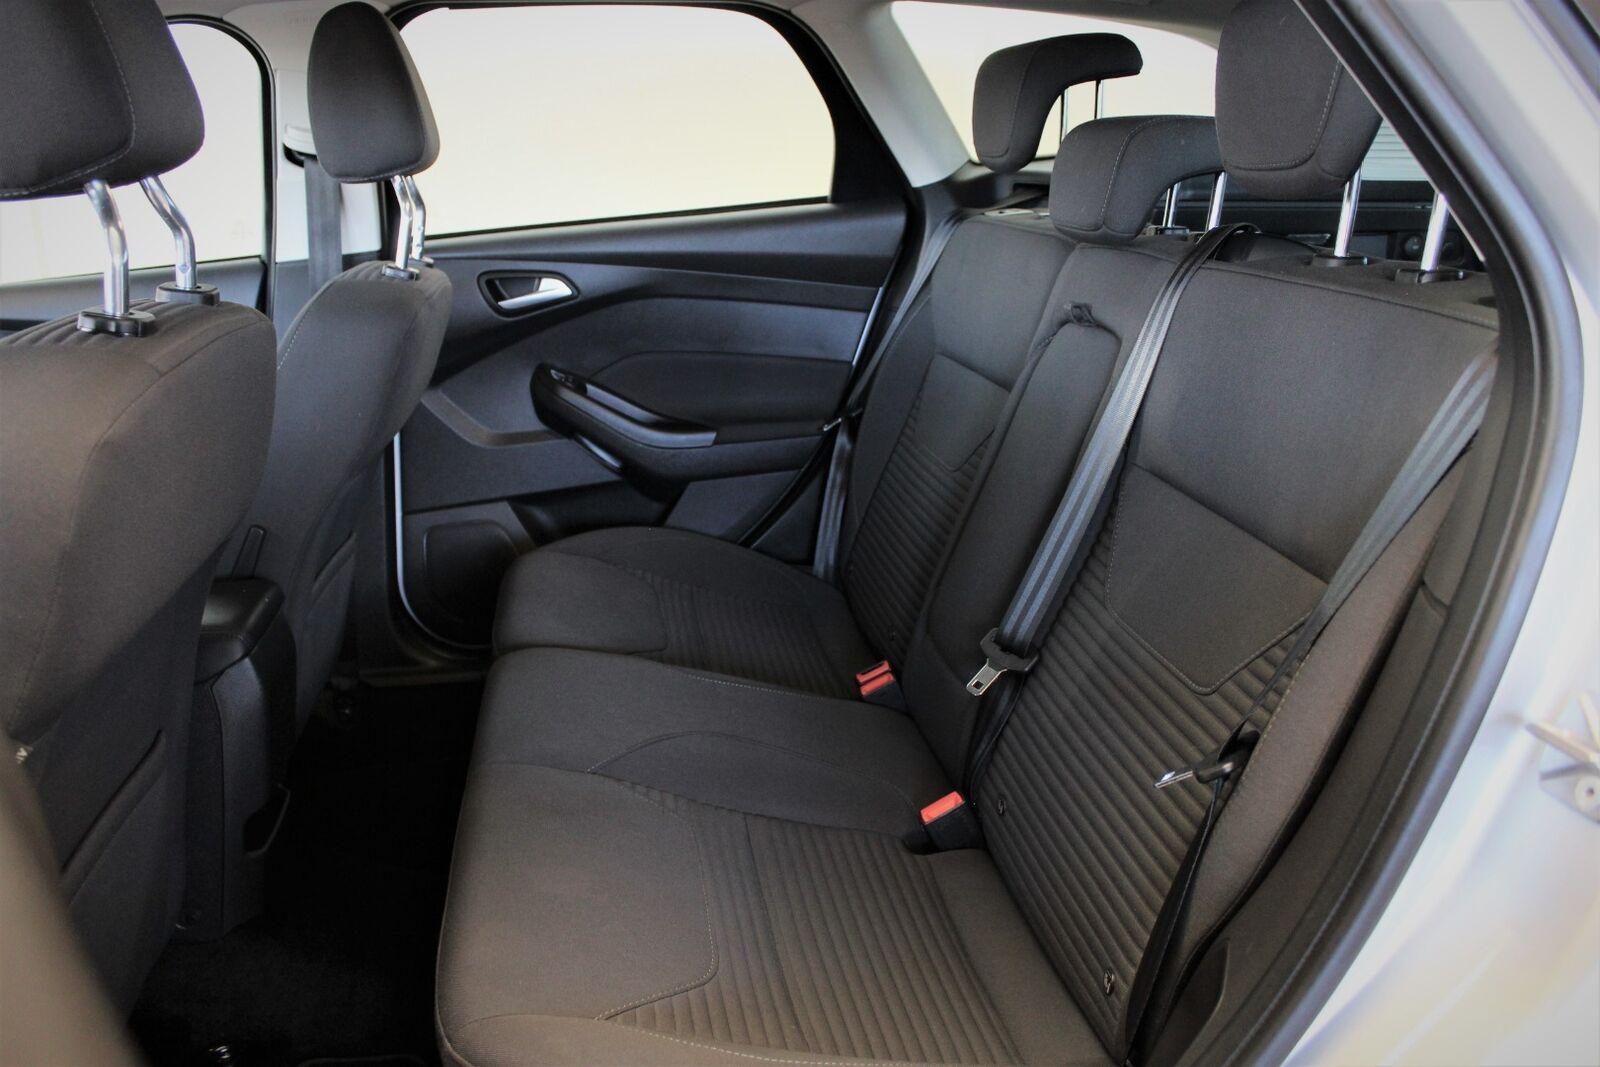 Ford Focus 1,5 TDCi 120 Titanium stc. aut. - billede 15